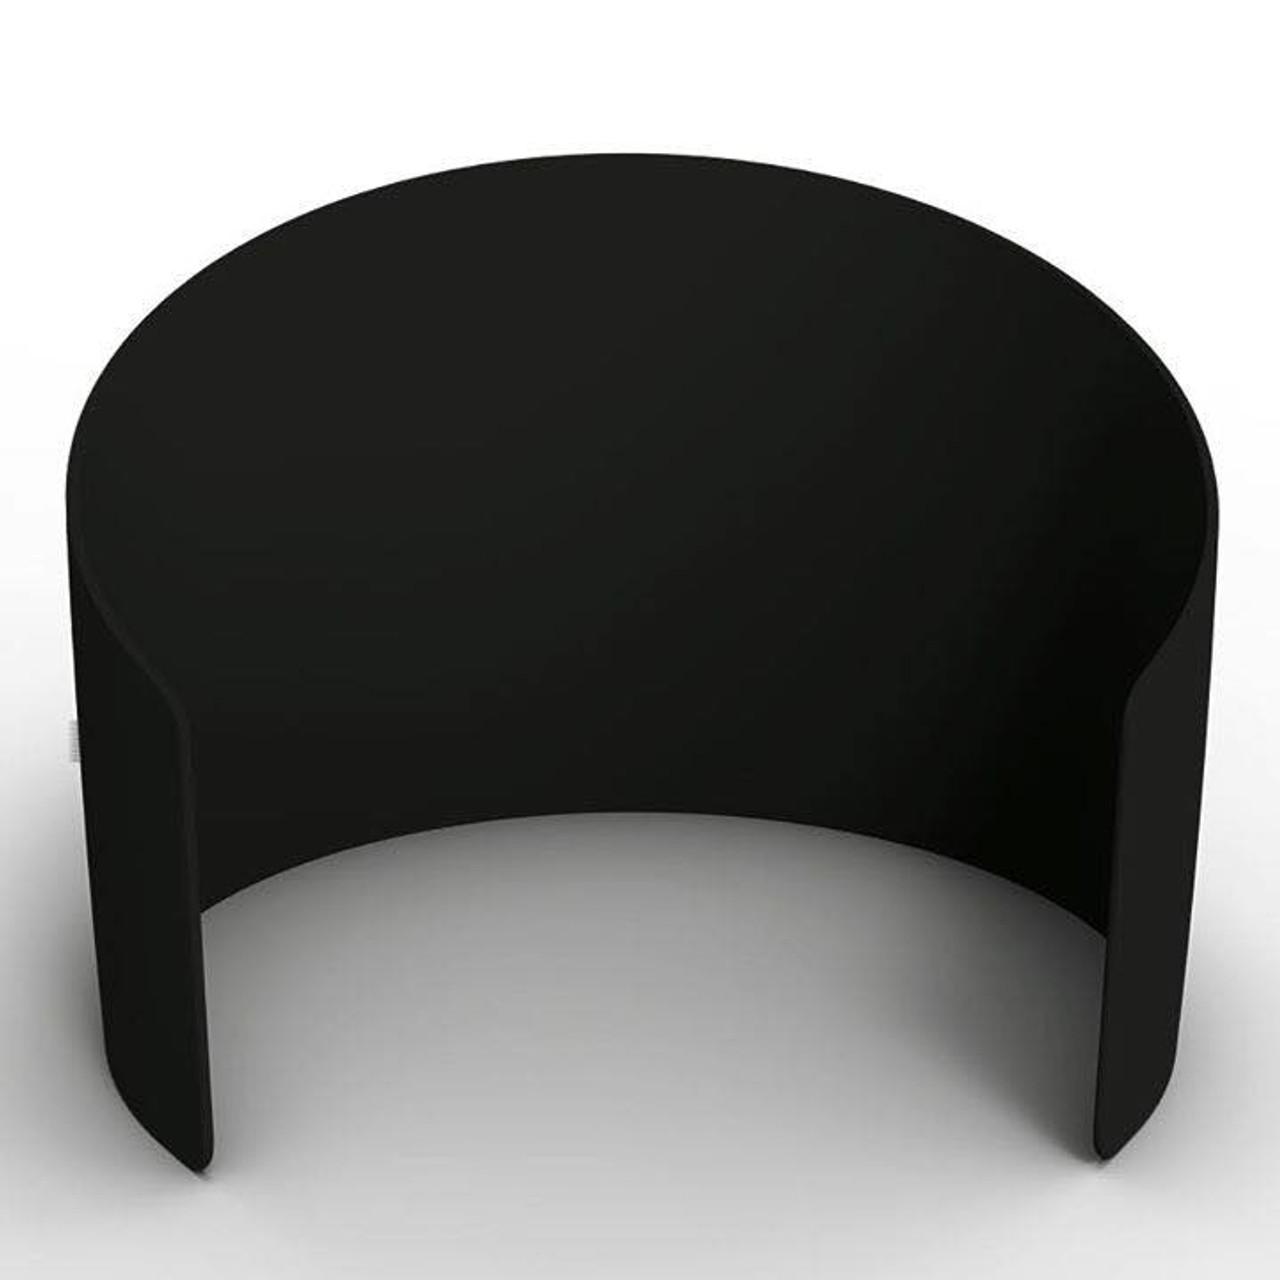 10ft Curved Enclosure (Black)